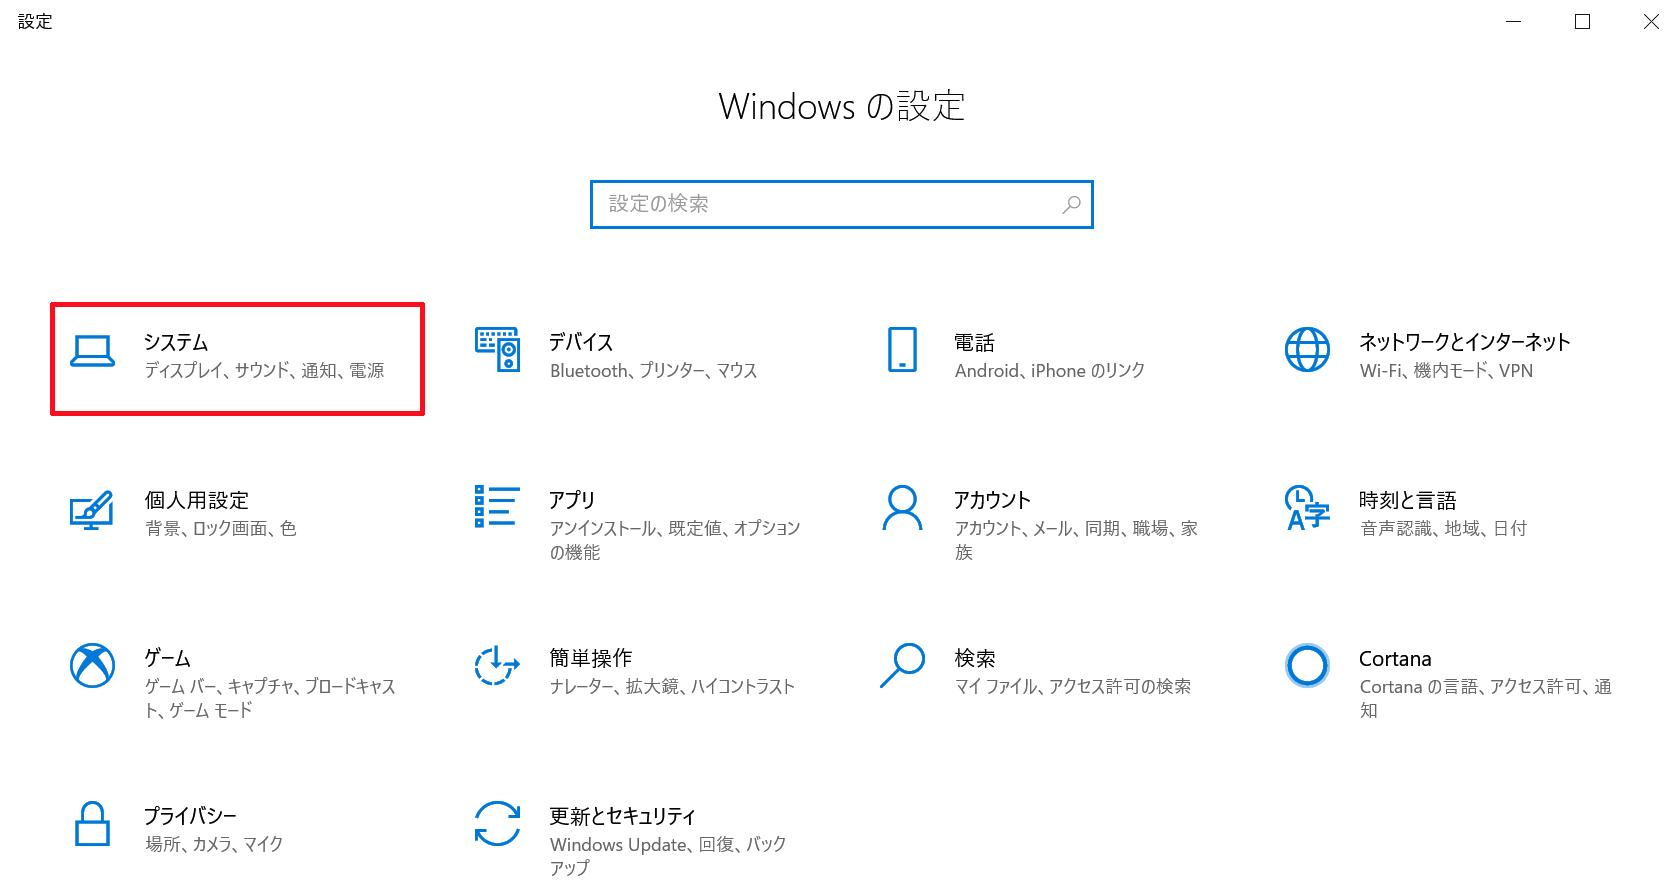 「Windowsの設定」の中にある「システム」をクリックする